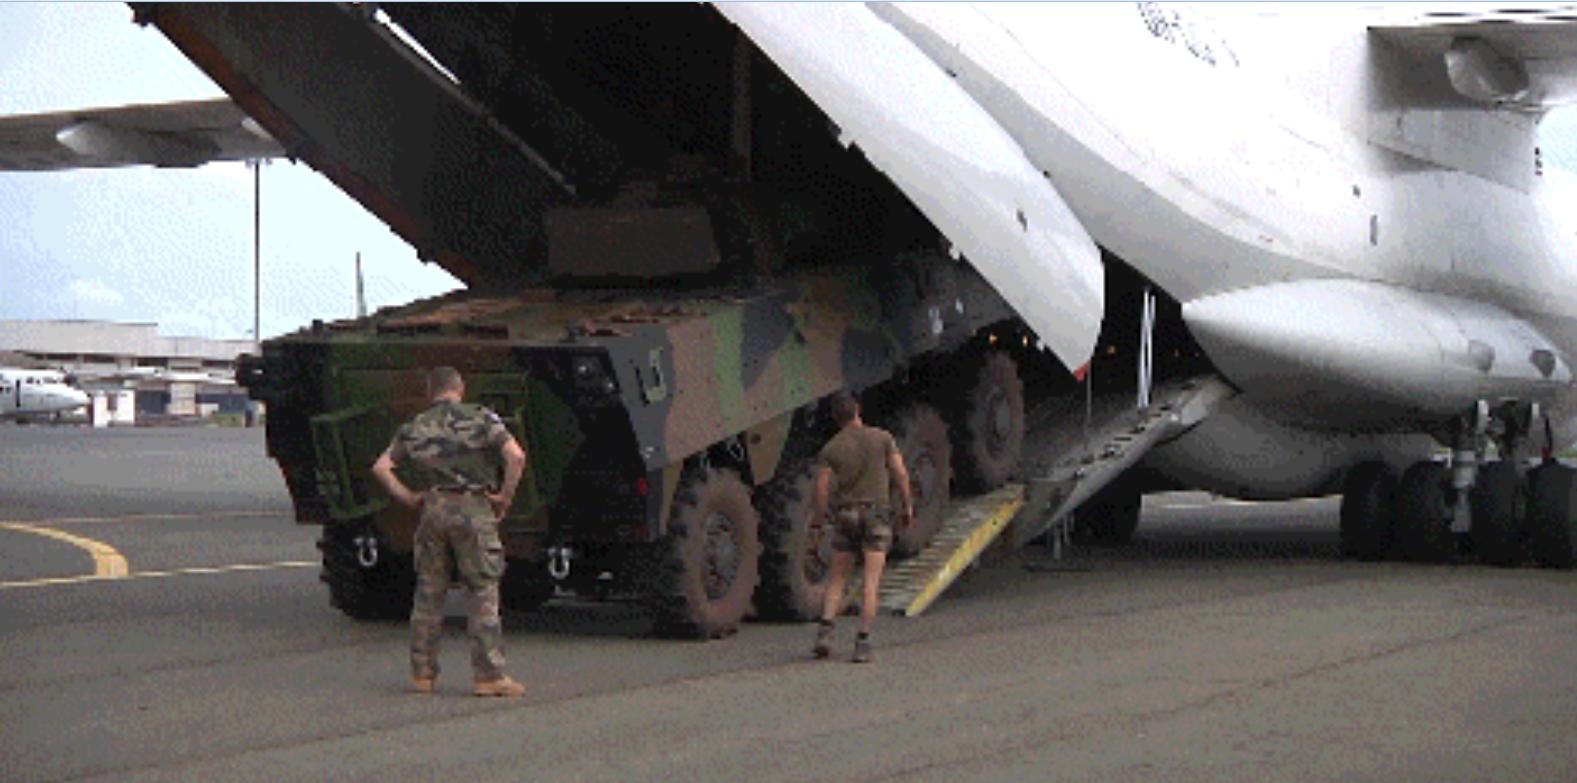 Последняя французская бронированная машина VBCI покинула ЦАР на борту украинского самолета Ил-76ТД